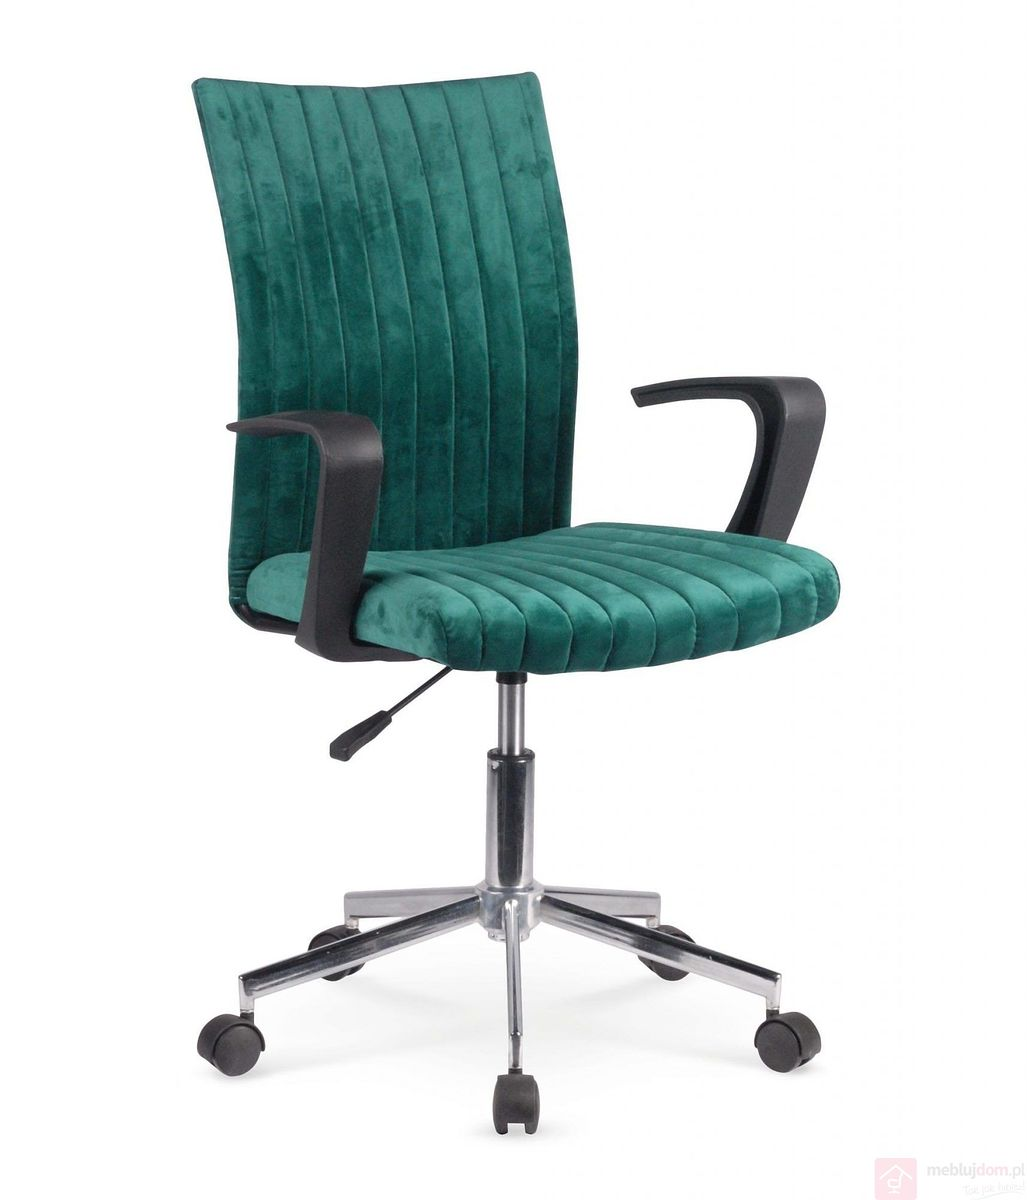 Fotel obrotowy DORAL Halmar ciemna zieleń front